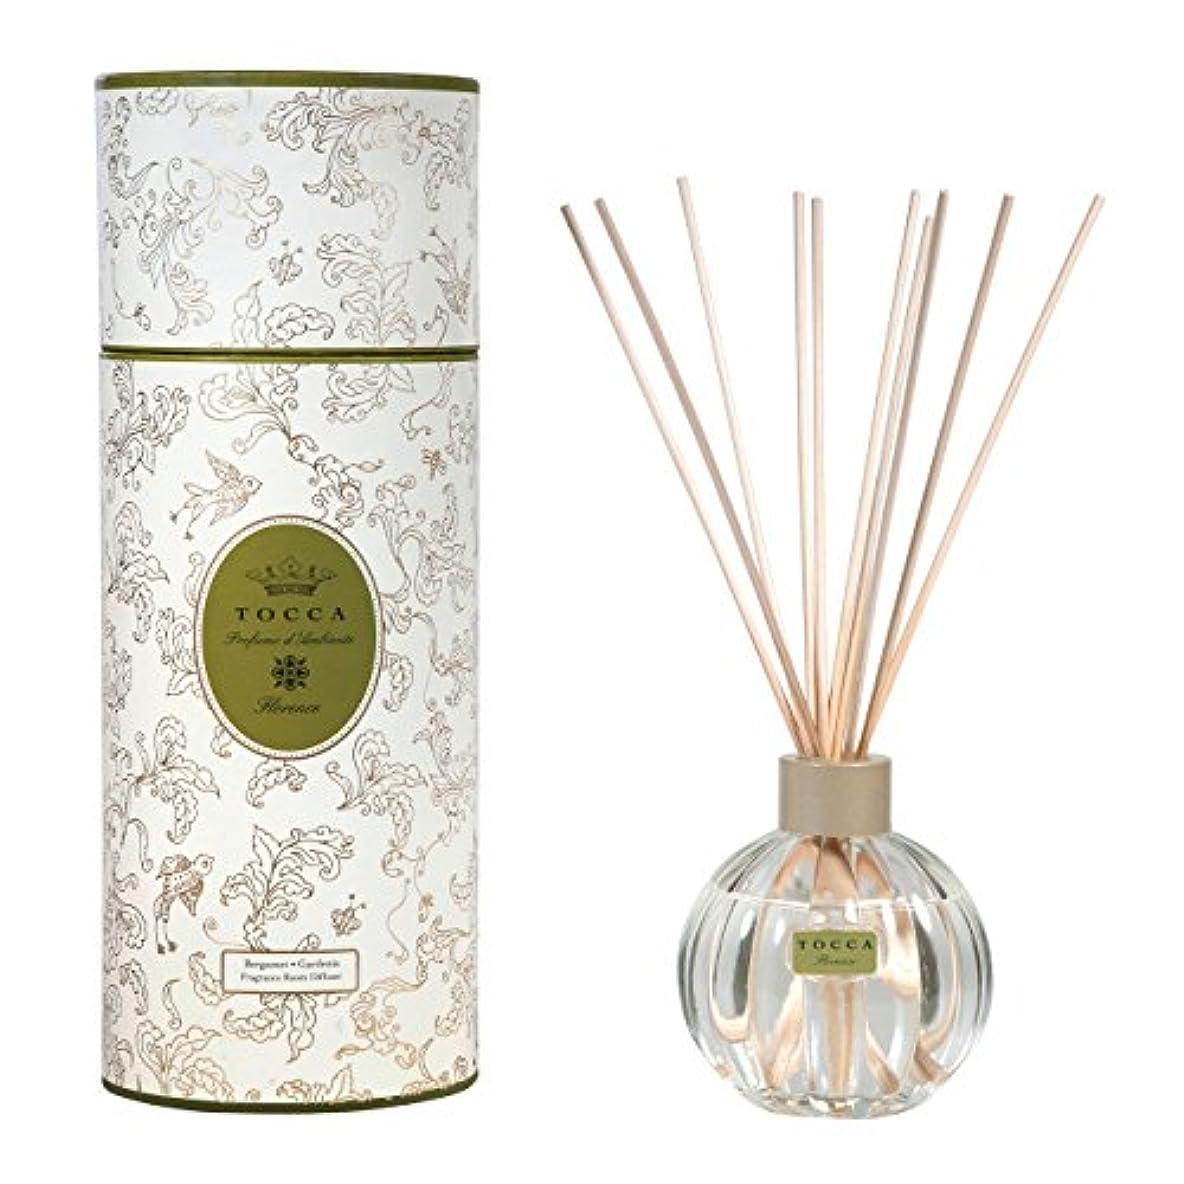 が欲しいガラガラフェードアウトトッカ(TOCCA) リードディフューザー フローレンスの香り 175ml 3~4ヶ月持続(芳香剤 ルームフレグランス ガーデニアとベルガモットが誘うように溶け合うどこまでも上品なフローラルの香り)